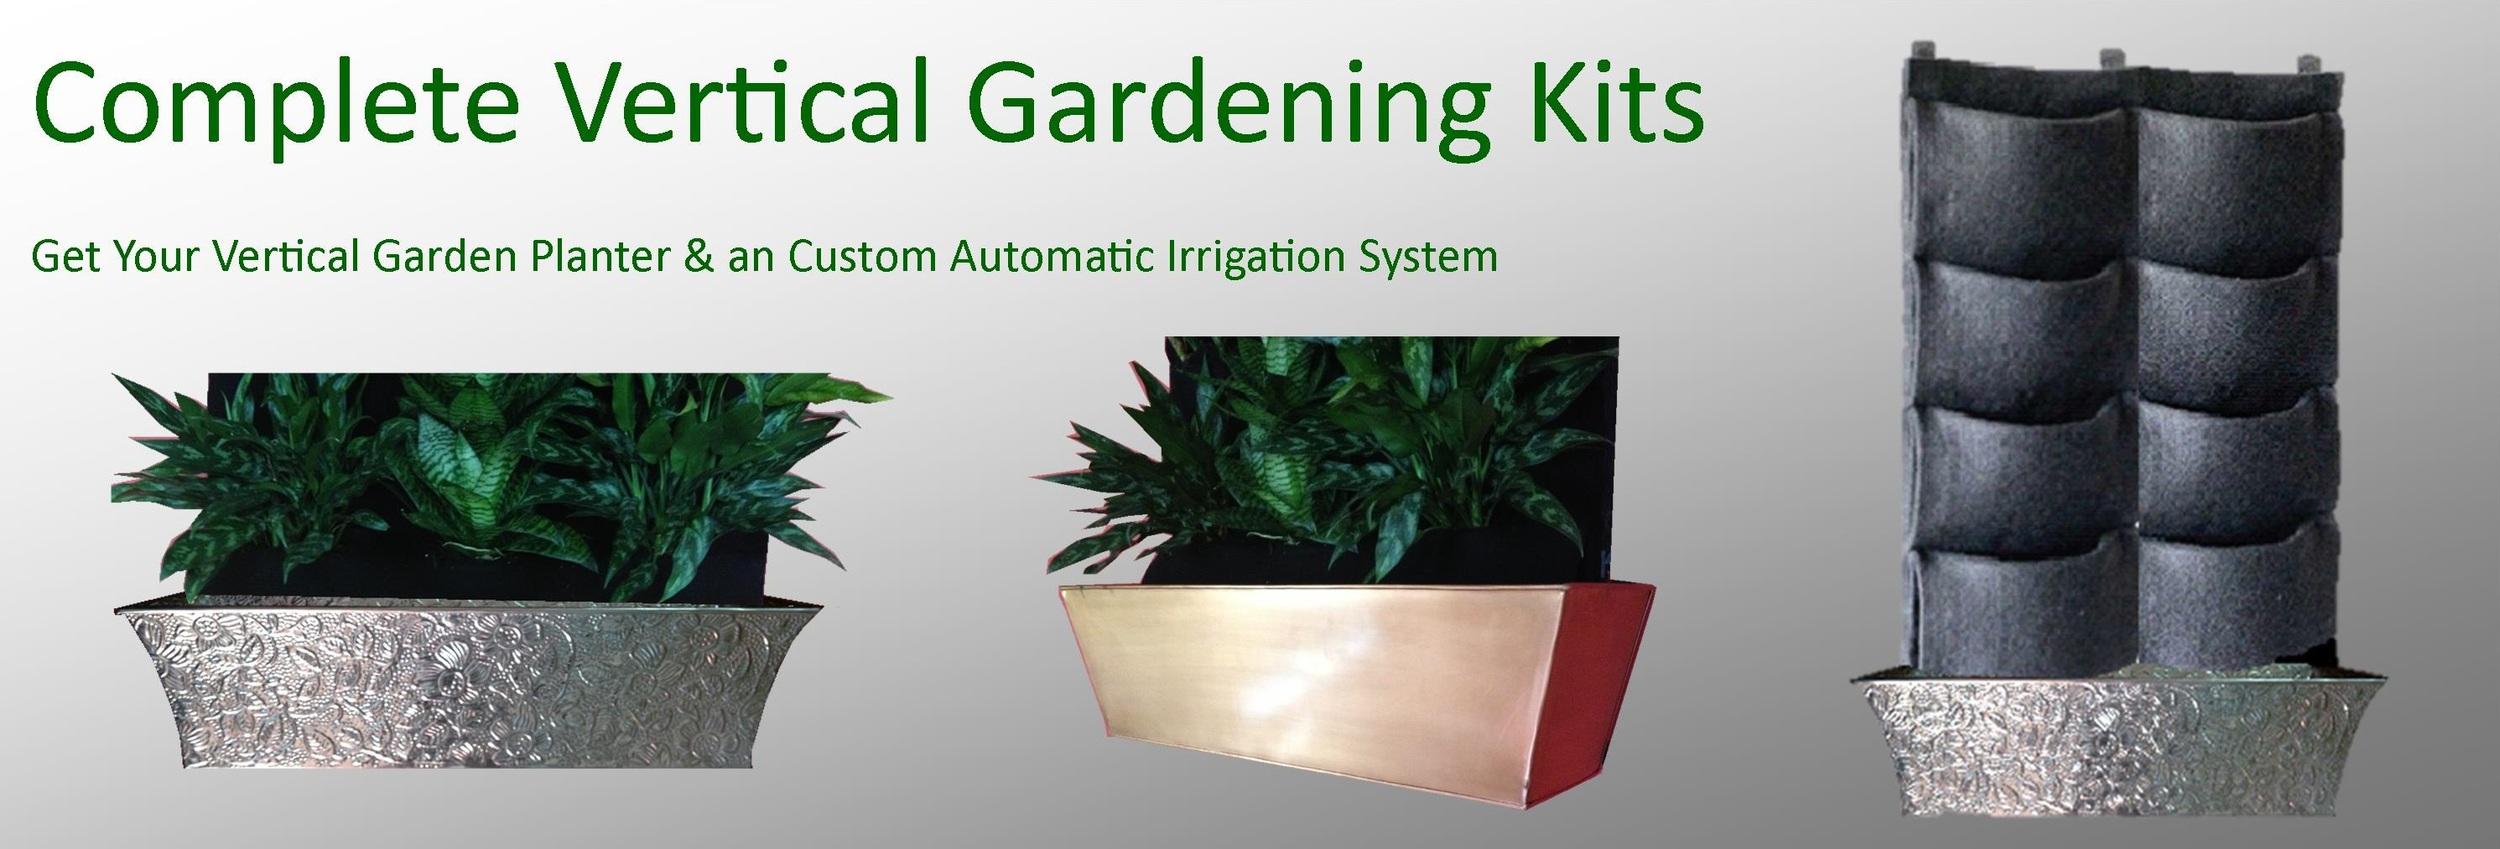 Vertical Gardening Kits